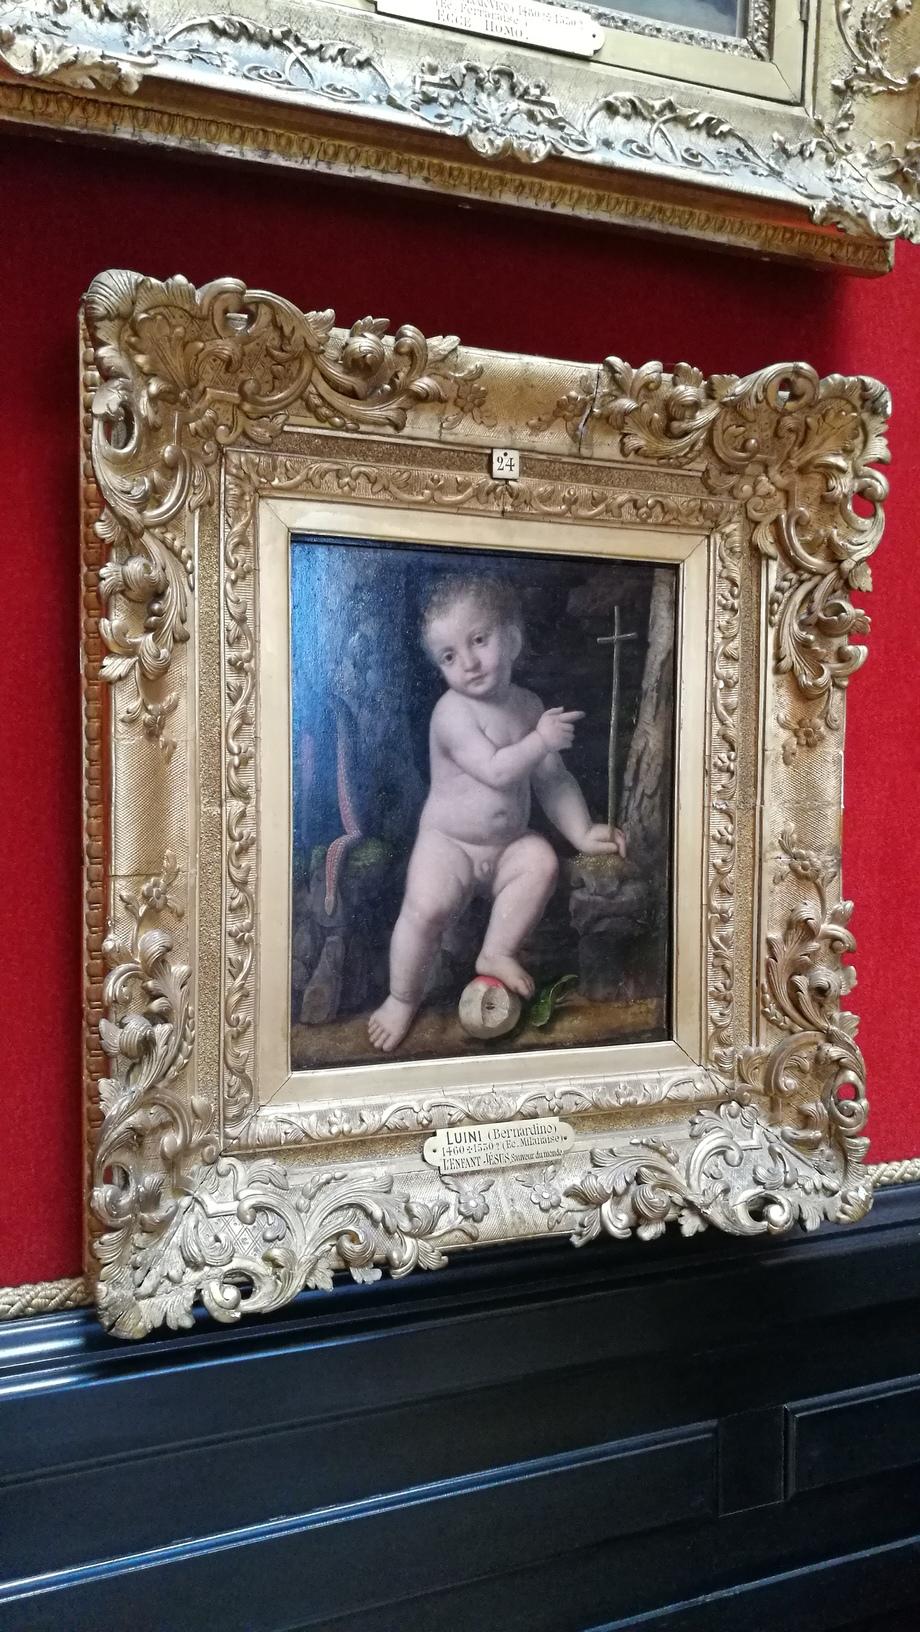 ภาพเขียน Baby Jesus โดย Berdanino ในห้อง Tribune